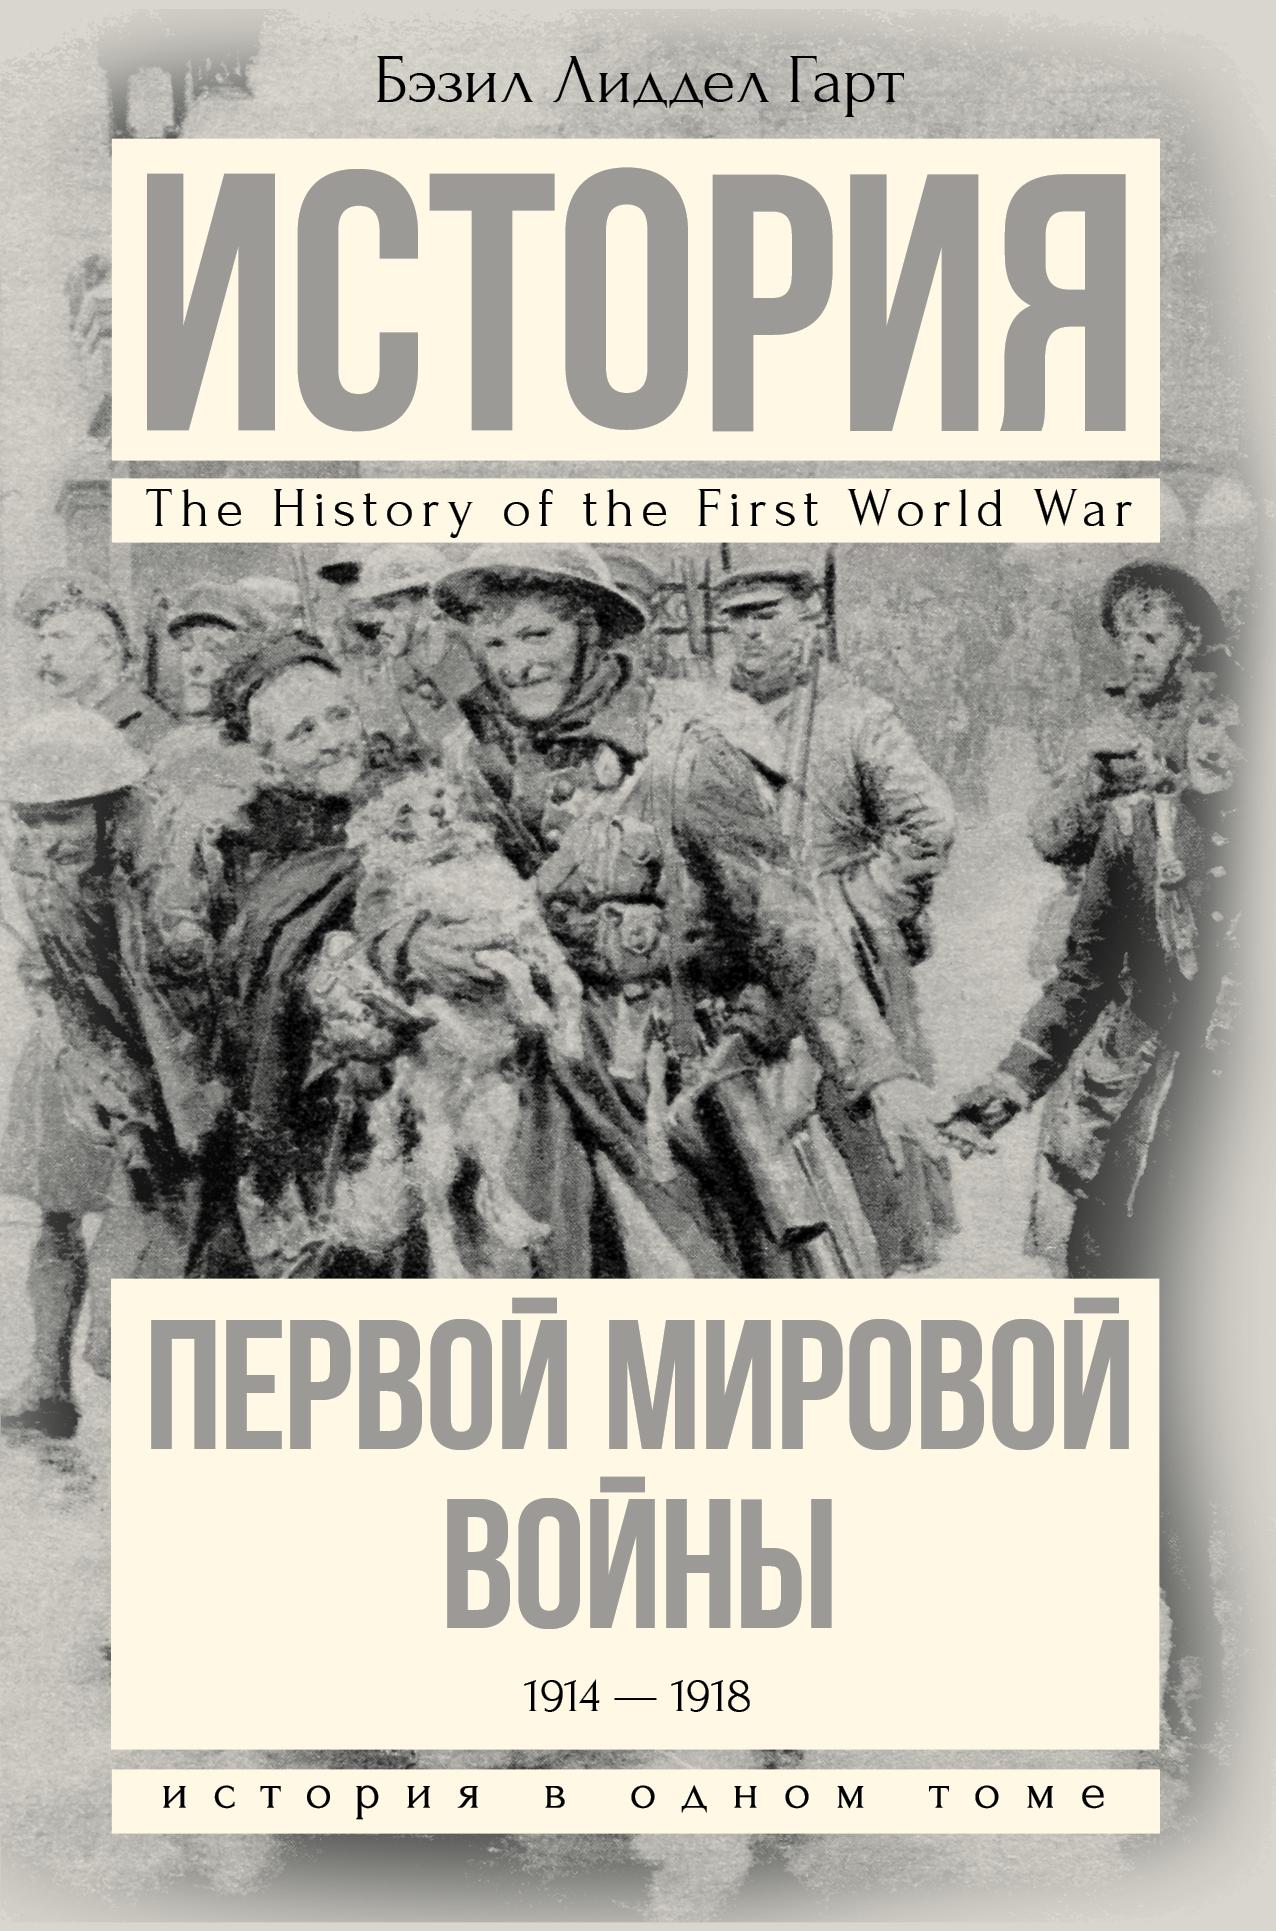 Лиддел Гарт Б.Г. История Первой мировой войны